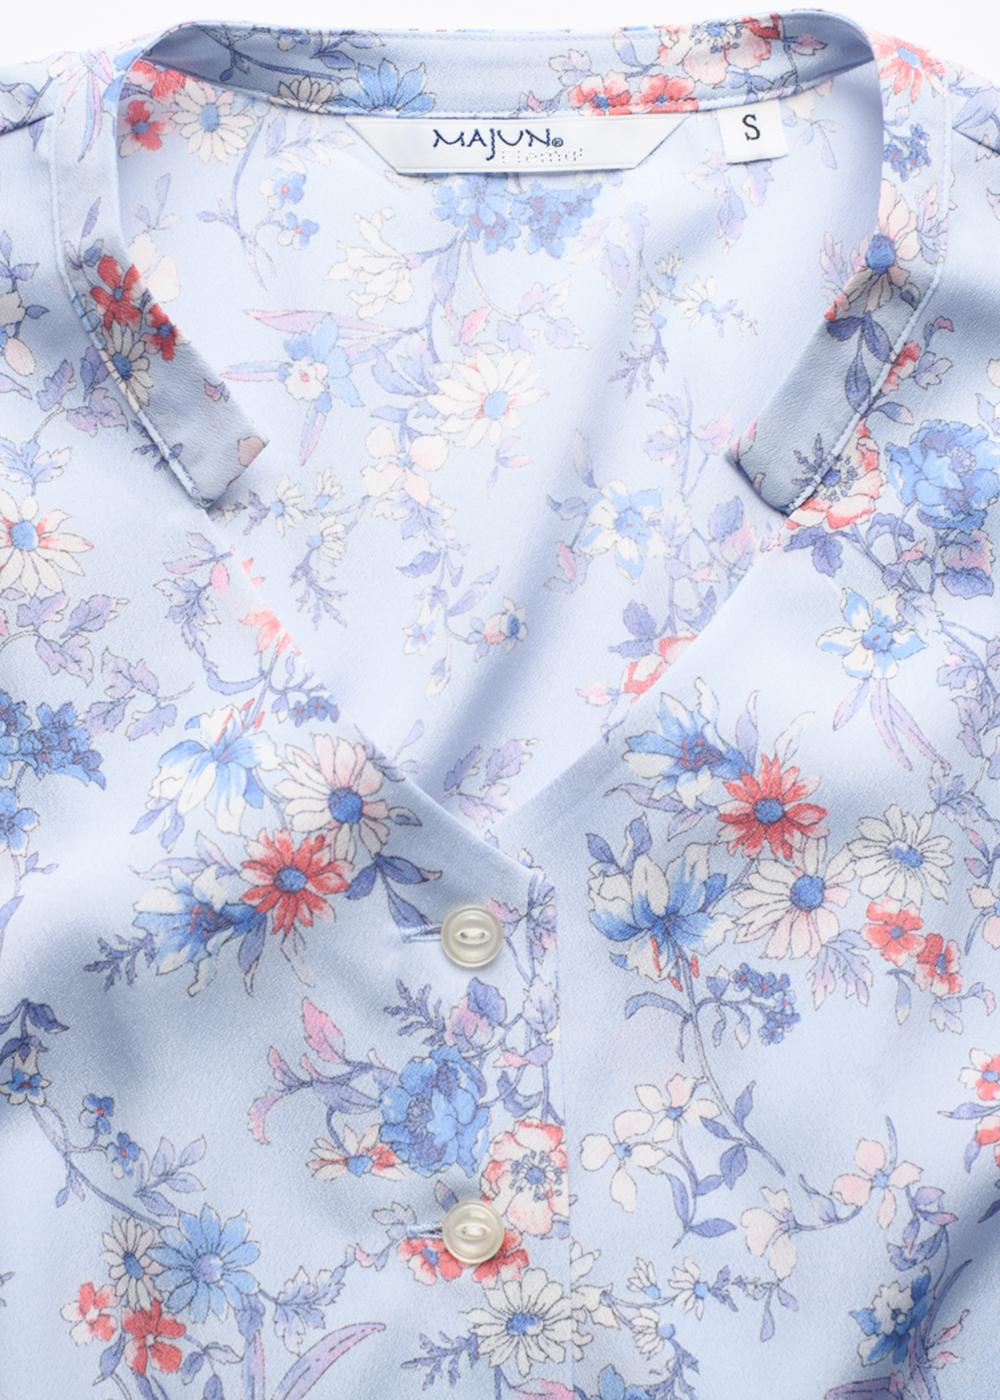 かりゆしウェア(沖縄版アロハシャツ) MAJUN - ビューティフルガーデン